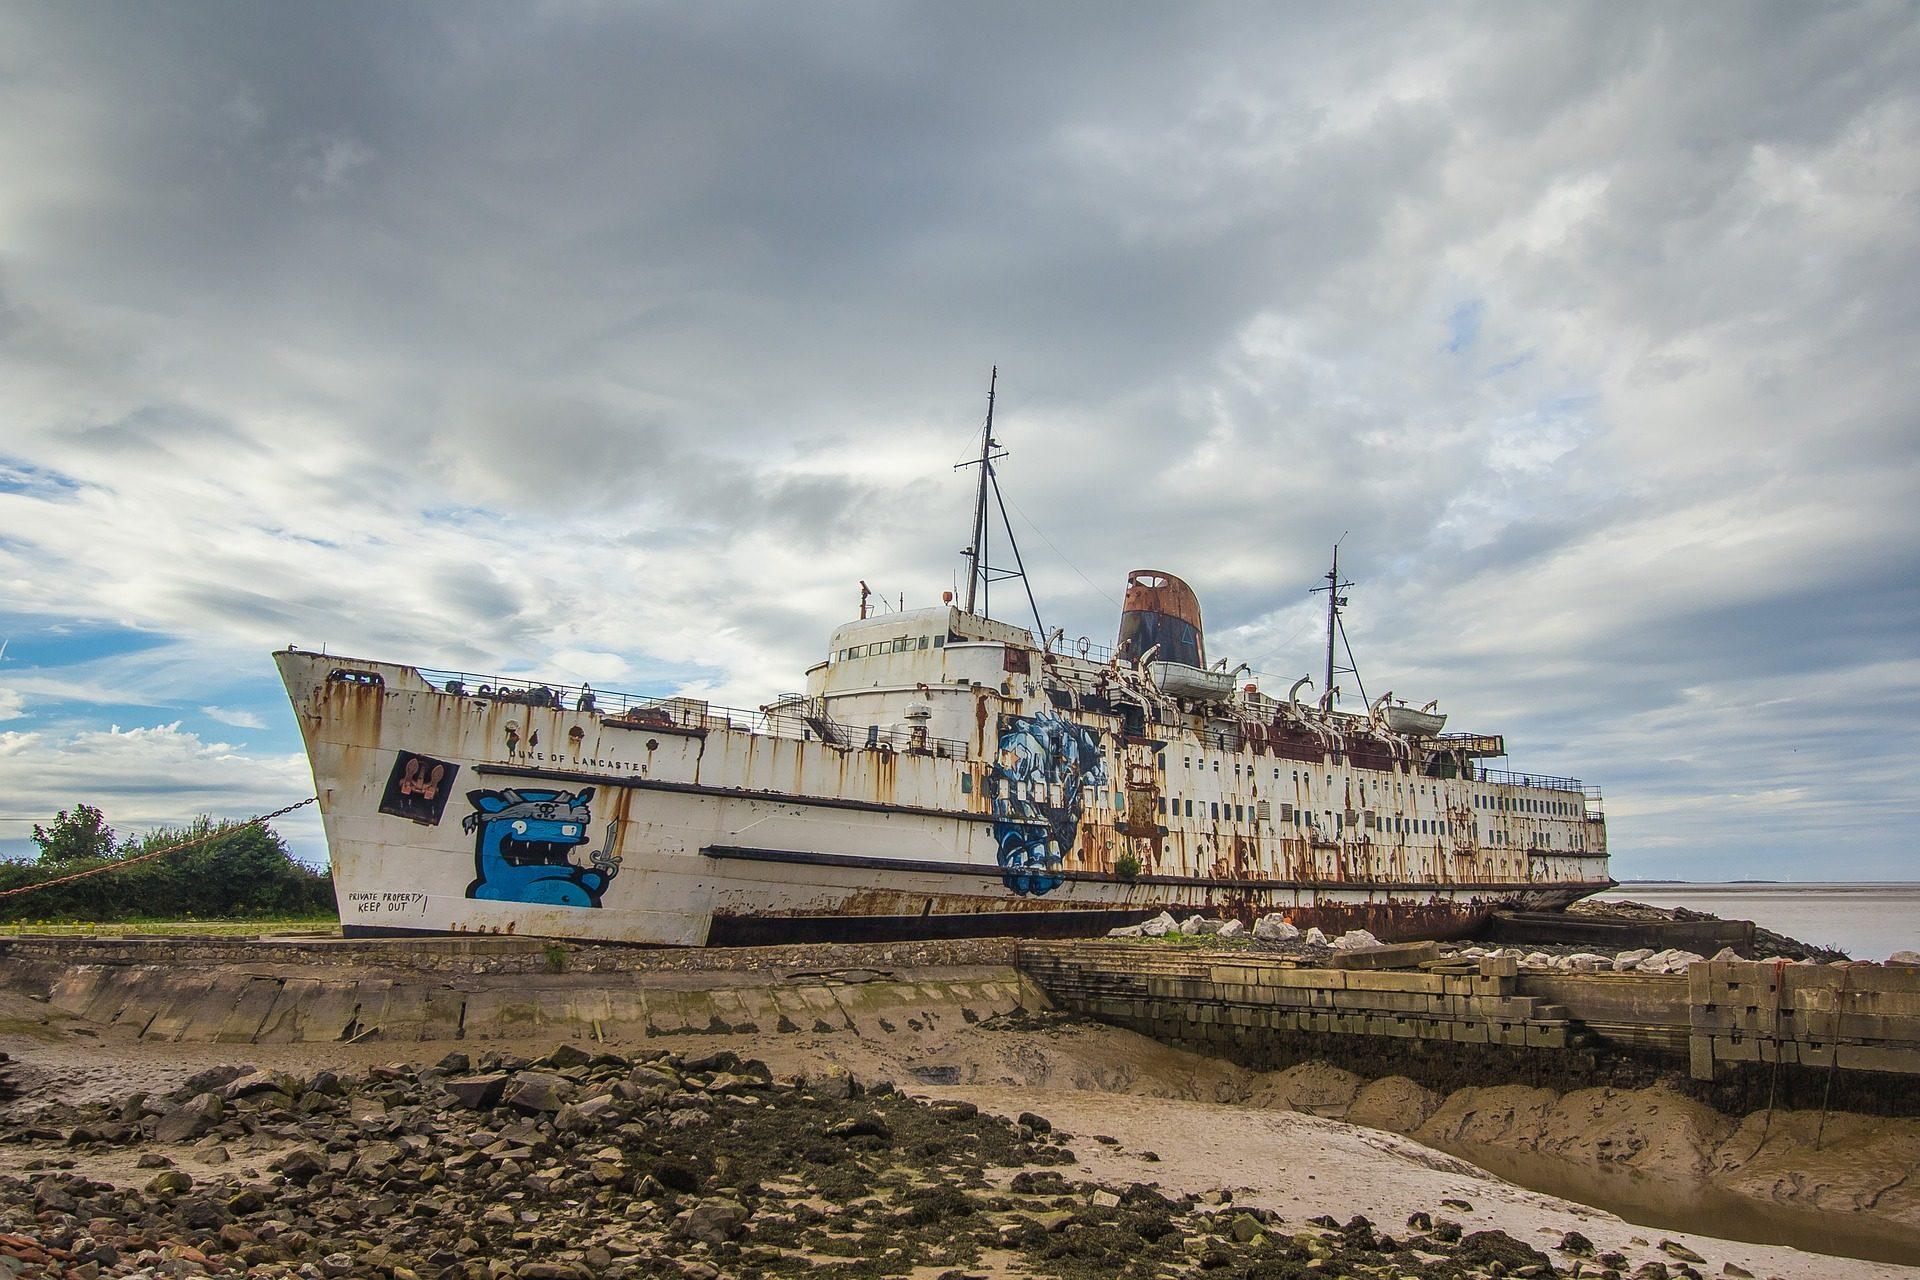 βάρκα, εγκαταλειφθεί, παλιά, με προβλήματα όρασης, λανθάνον, Γκράφιτι - Wallpapers HD - Professor-falken.com